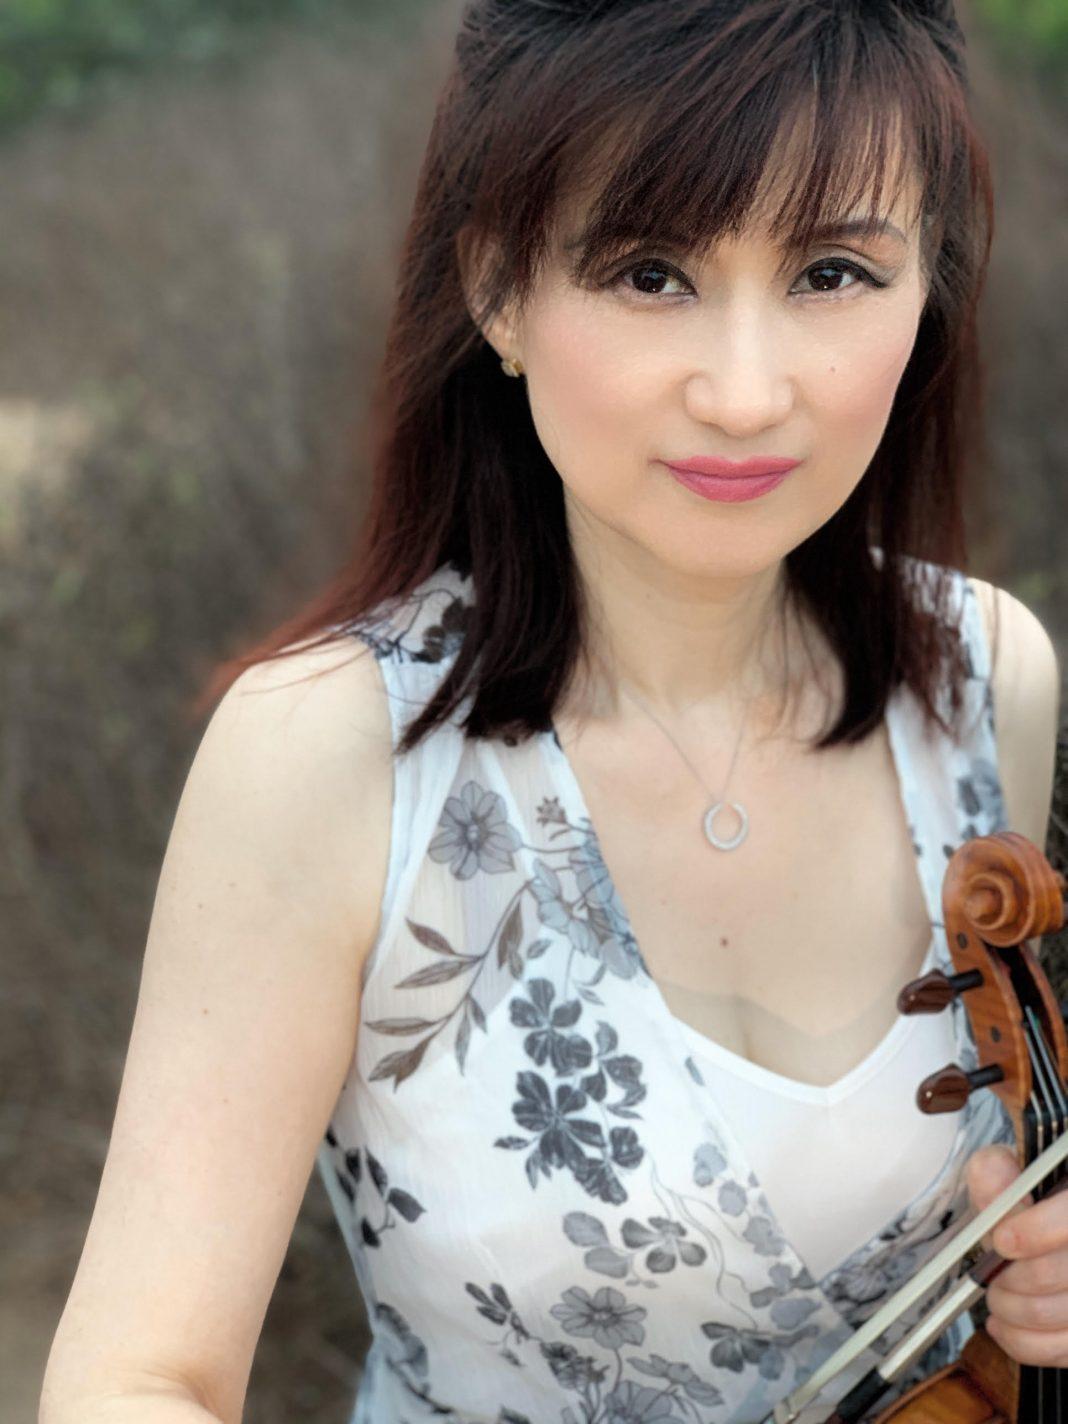 Вот уже больше года фэндому Dears известна одна удивительная скрипачка из Сан-Диего Сан Шен, которая делает красивейшие каверы на песни Димаша, сопровождаемые не менее красивым видеорядом. Окруженная музыкой с детства, Сан Шен стала настоящим профессионалом своего детства, и теперь преподают игру на скрипке юным талантам. Скрипачка из Сан-Диего Сан Шен родилась в семье музыкантов. Ее мама – преподаватель фортепиано в Шанхайской консерватории музыки, а папа – скрипач знаменитого Шанхайского музыкального оркестра. Ее детство всегда было окружено чарующей классической музыкой. В 4 года Сан Шен училась фортепиано у своей мамы, а в 5 лет ей очень полюбилась скрипка, которой ее начал обучать отец. И с тех самых пор всю свою жизнь Сан Шен посвятила игре на самом изысканном и утонченном музыкальном инструменте. Скрипачка 18 лет работала в симфоническом оркестре в Чикаго и Милуоки, а после переехала в Сан-Диего, где начала свою преподавательскую деятельность. С музыкой Димаша Сан Шен познакомилась в феврале 2019 года. Тогда, смотря телевизор, на одном из каналов она наткнулась на песню Димаша «S.O.S». Оставшись под большим впечатлением от услышанного, она тут же вышла в интернет, чтобы узнать о певце побольше. Чуть позже он вдохновил ее на создание музыкальных каверов, чем Сан Шен с удовольствием занимается до сих пор. «В каверах на песни Димаша я сама пишу аранжировку для партии скрипки. Также, мне помогают мои друзья, являющиеся профессиональными музыкантами, довольно известными в Калифорнии. Мой друг Брайн – пианист в Симфоническом оркестре Сан-Диего. А Питер Спраг – известный композитор и продюсер. Он помог мне сделать каверы на песни «Give me love» и «Өкініш» («Сожаление»), так как они требуют более сложной оркестровки», – поделилась Сан Шен. Скрипачка рассказывает, что больше всего ее вдохновляет в музыке Димаша то, что у него есть свой собственный неподражаемый стиль, а также присутствуют элементы классической музыки, с которой Сан Шен сама очень тесно связана. «Он вс